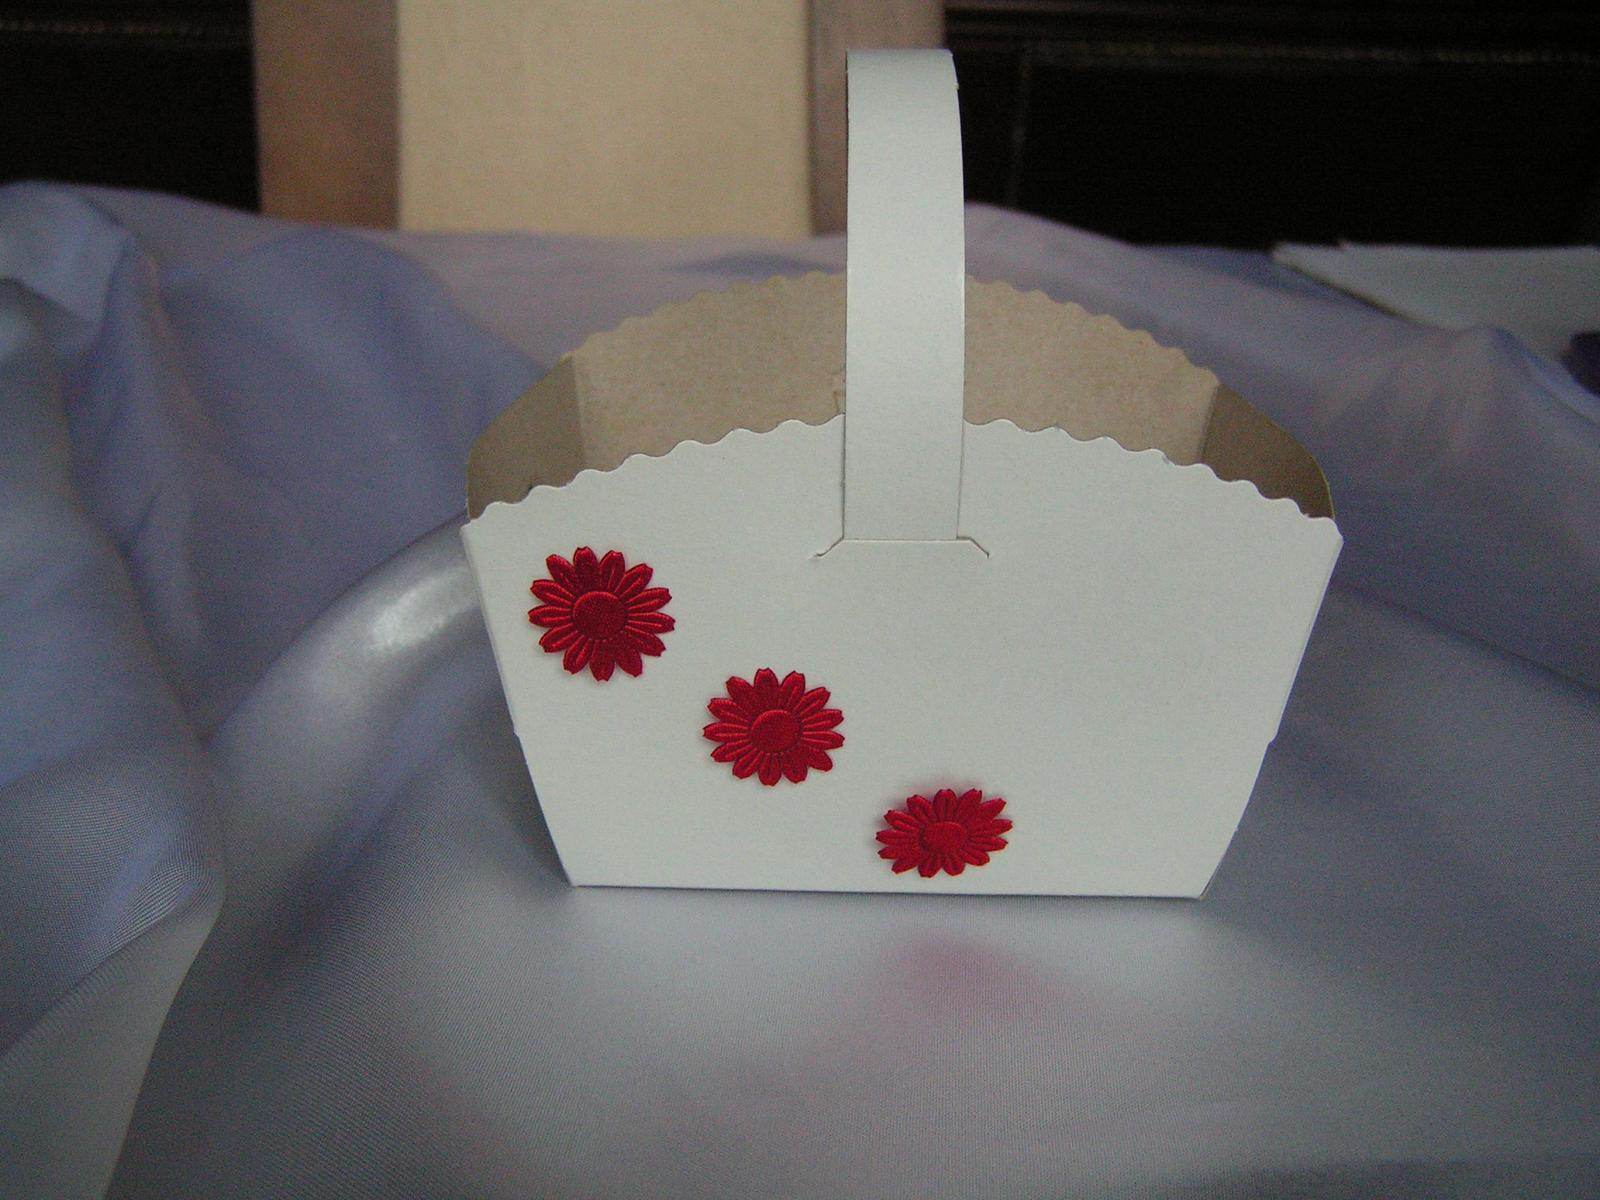 Košíčky na koláčky - Obrázek č. 1